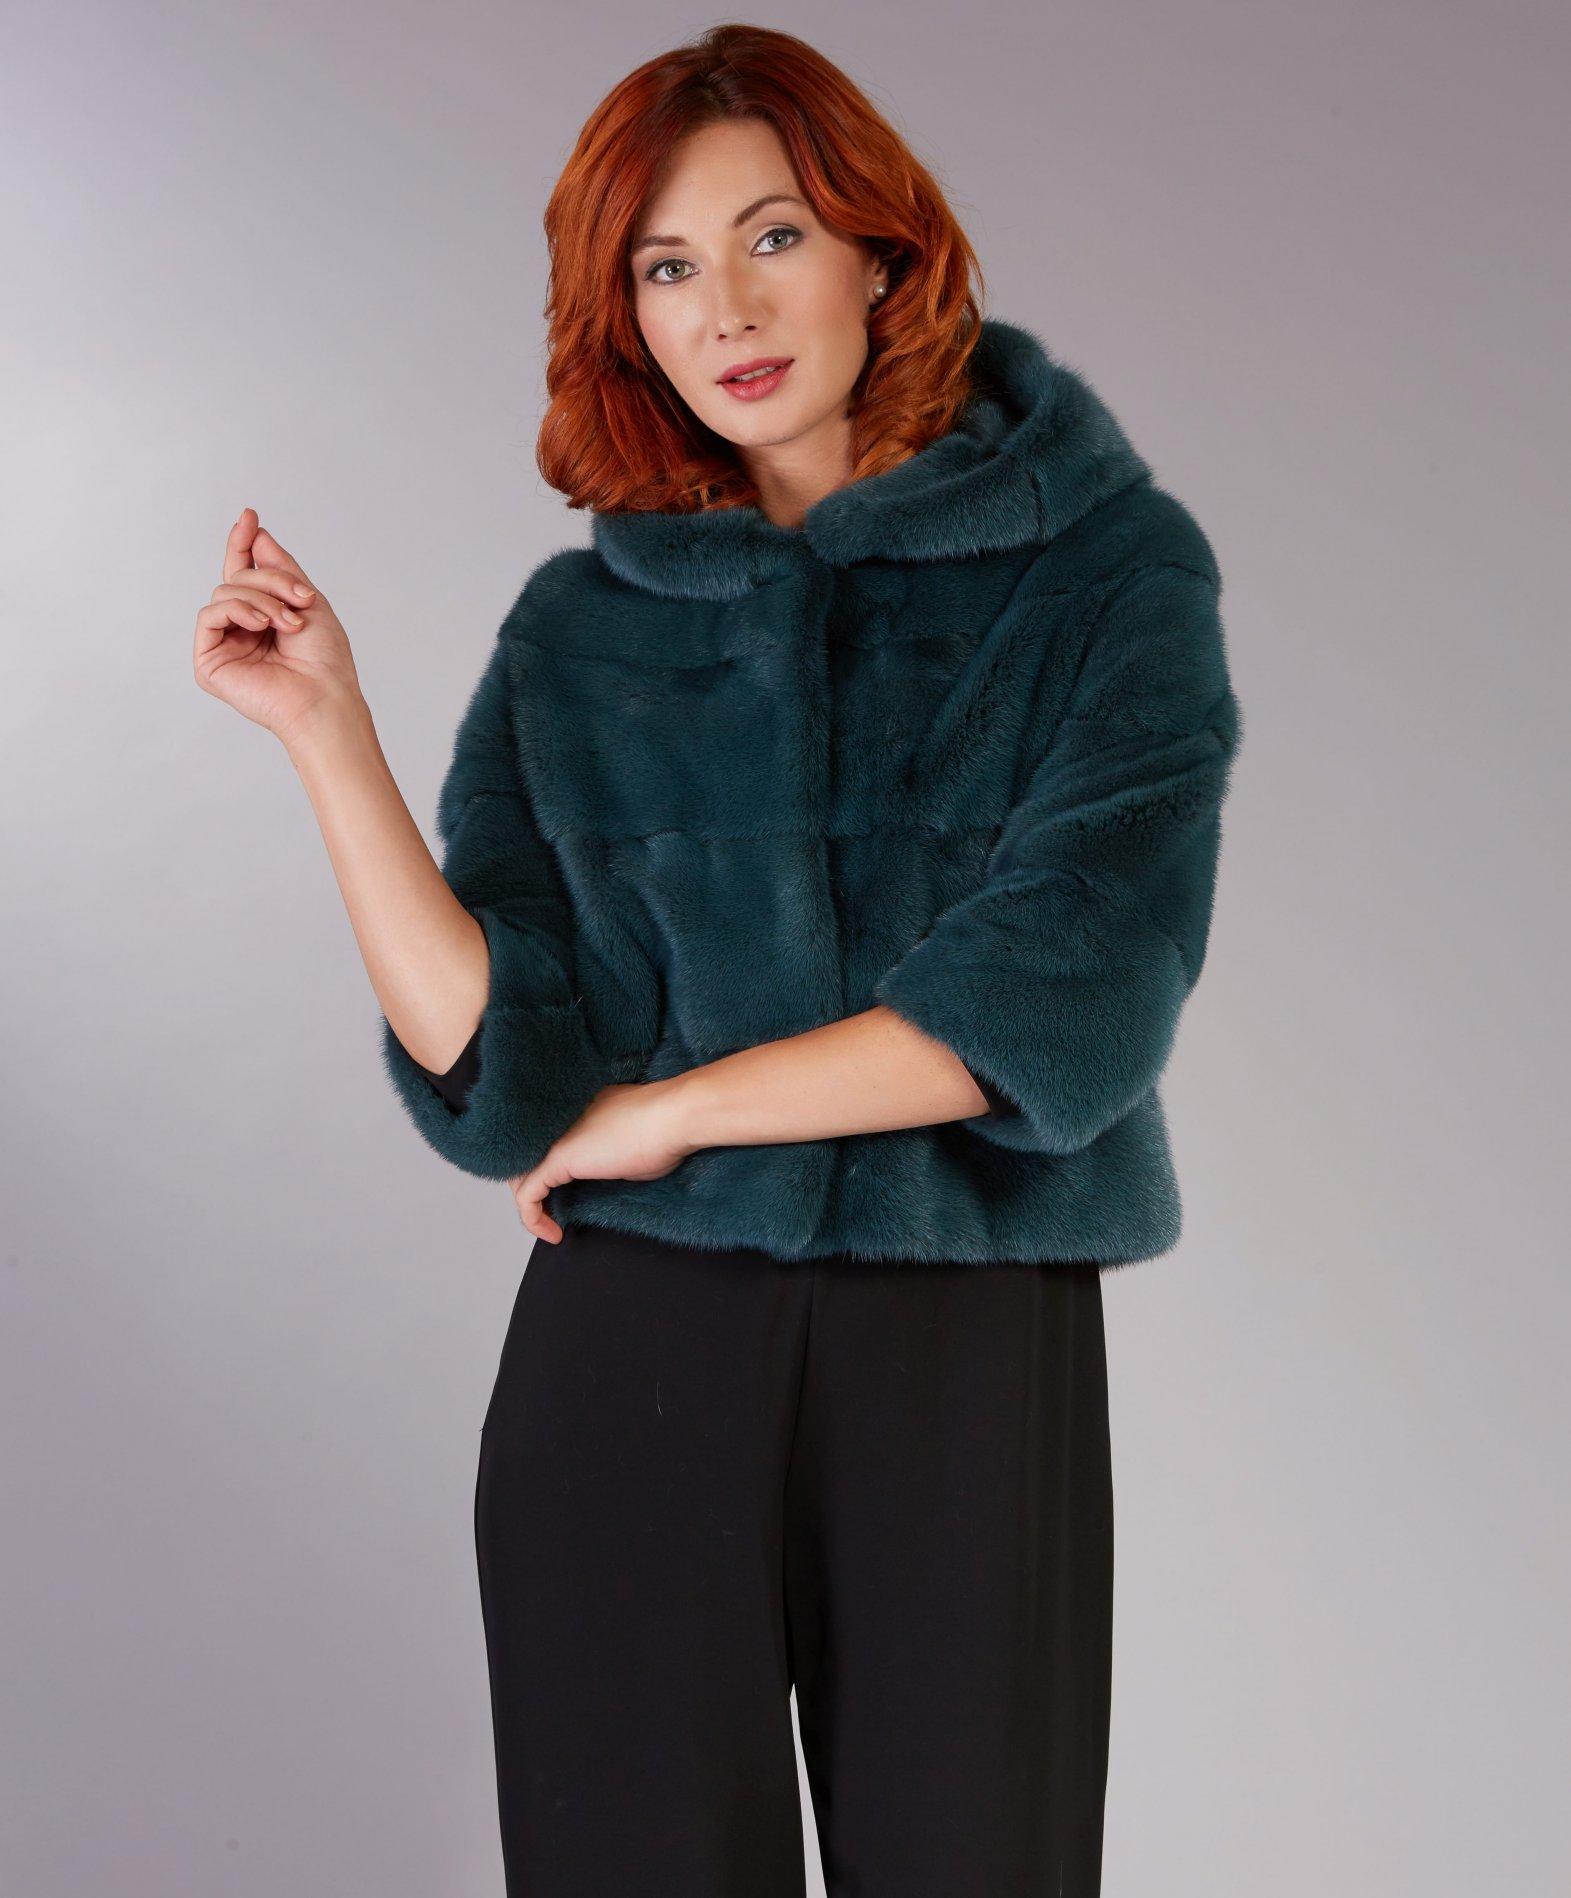 Veste en fourrure femme capuche manche 3 4 vert - Fourrure en ligne d786addadc7